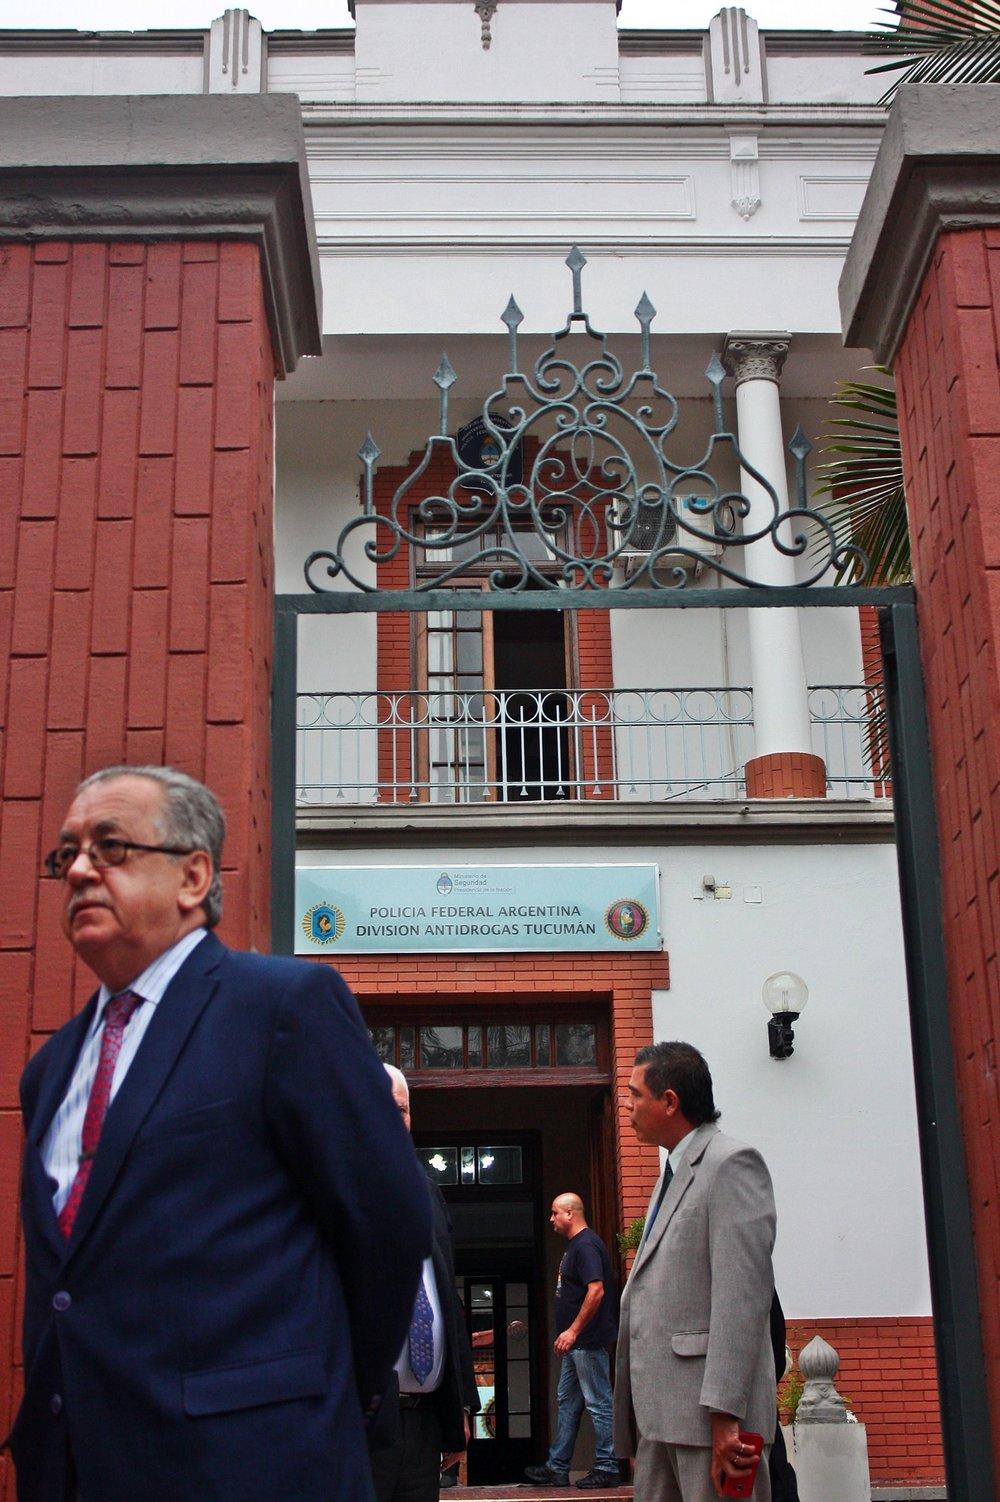 Operativo Independencia. Inspección ocular en Policía Federal y Hospital Militar, 10 de marzo de 2017. Fotografía de Ignacio López Isasmendi.